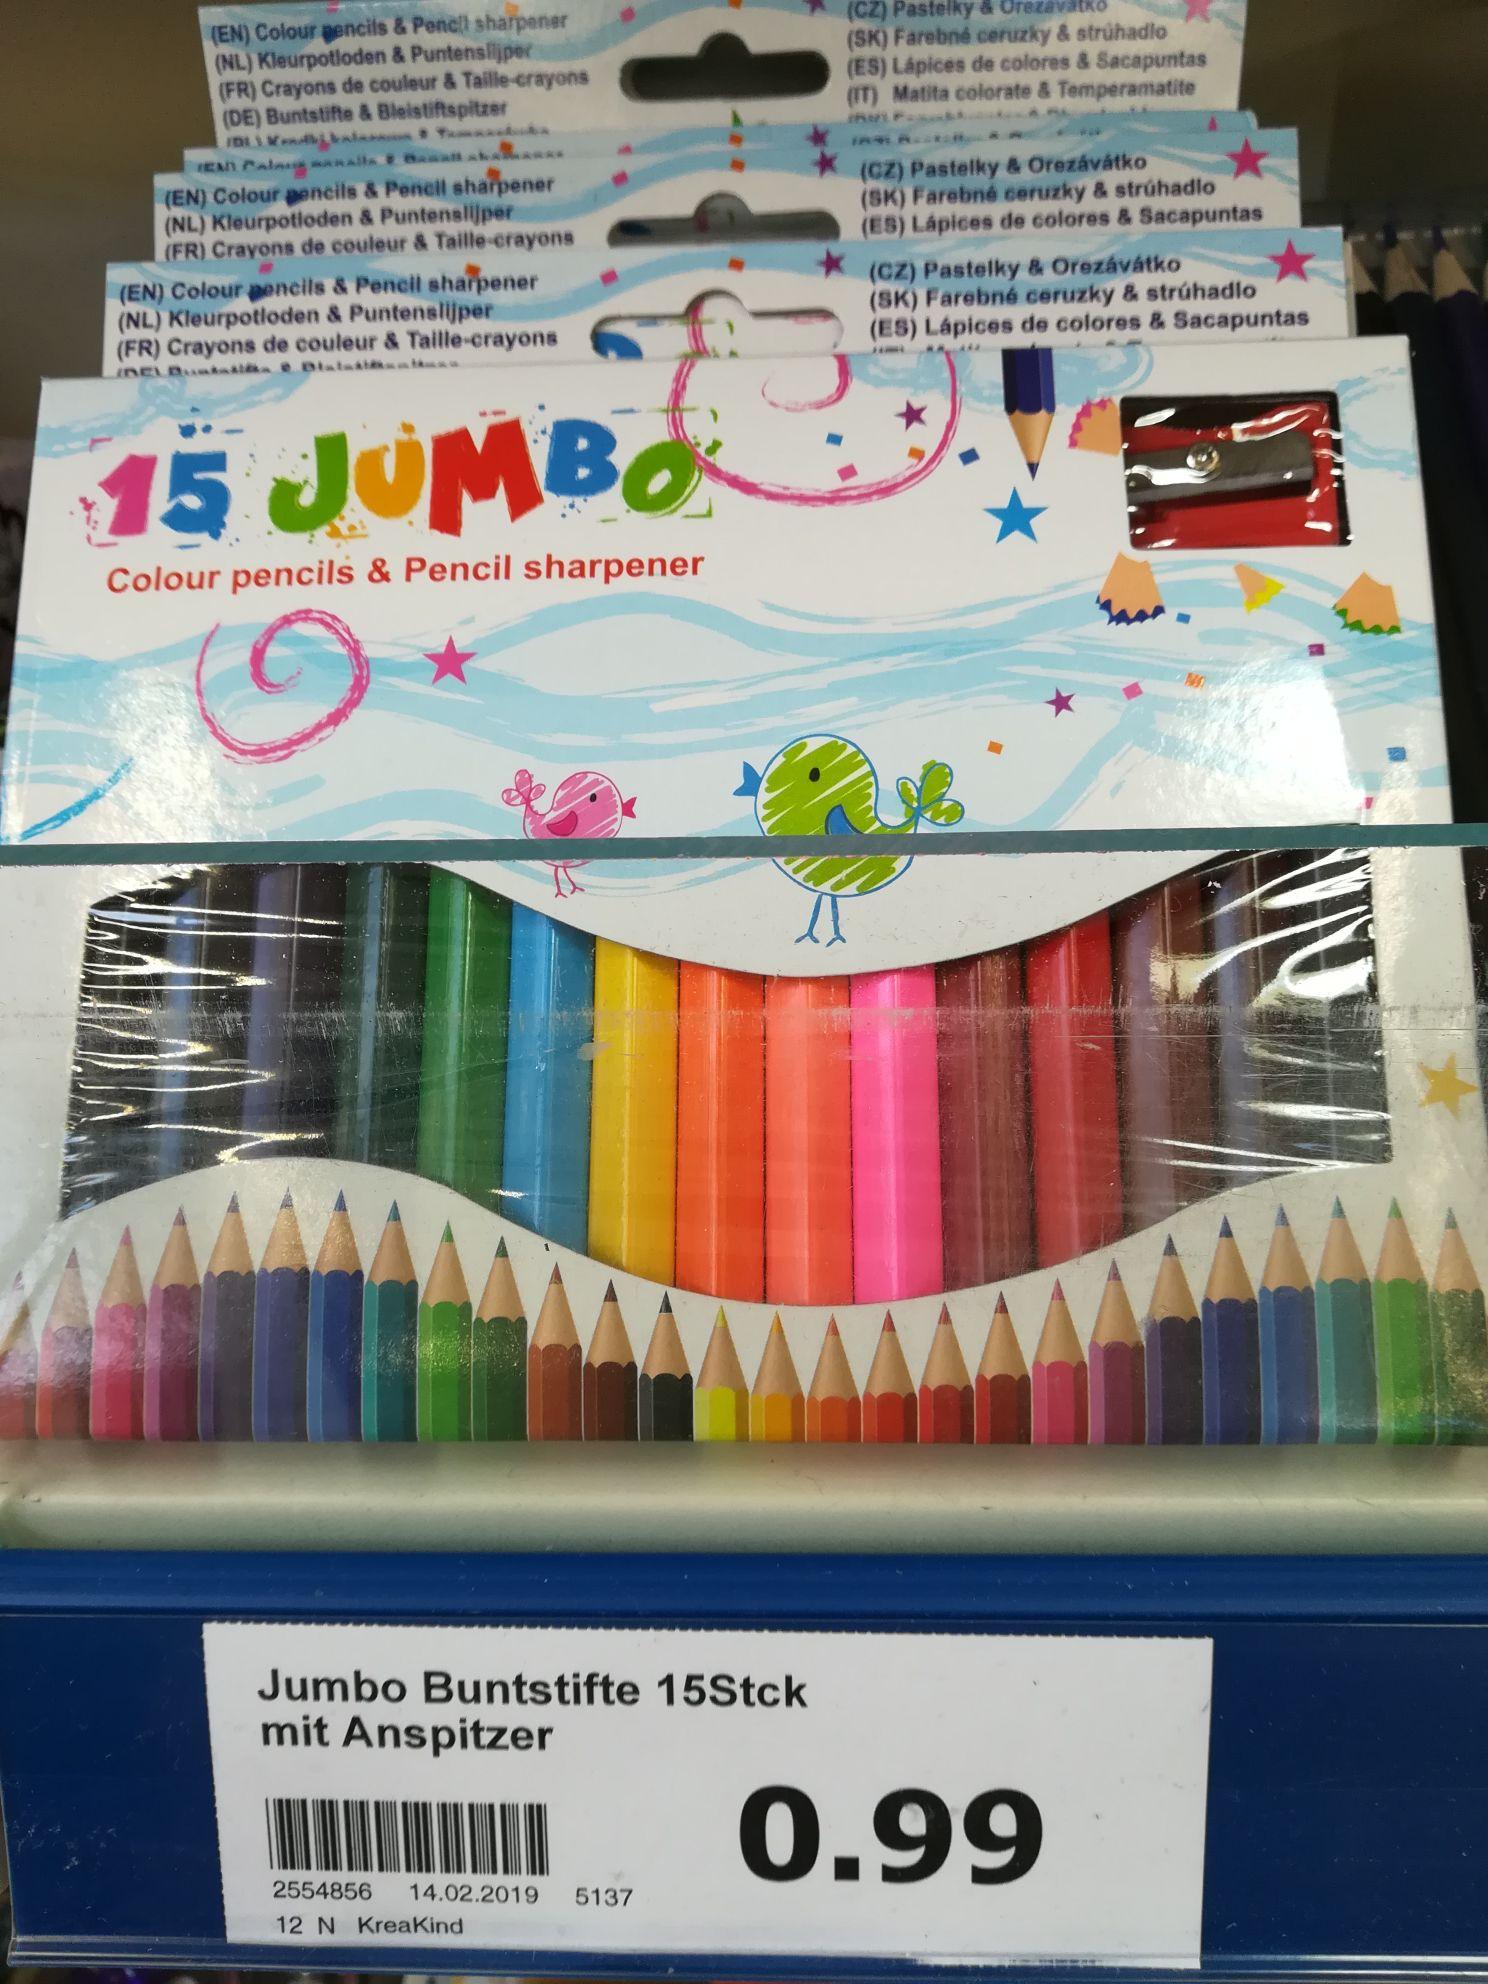 Action Markt - Jumbo Buntstifte 15 Stk inkl Anspitzer